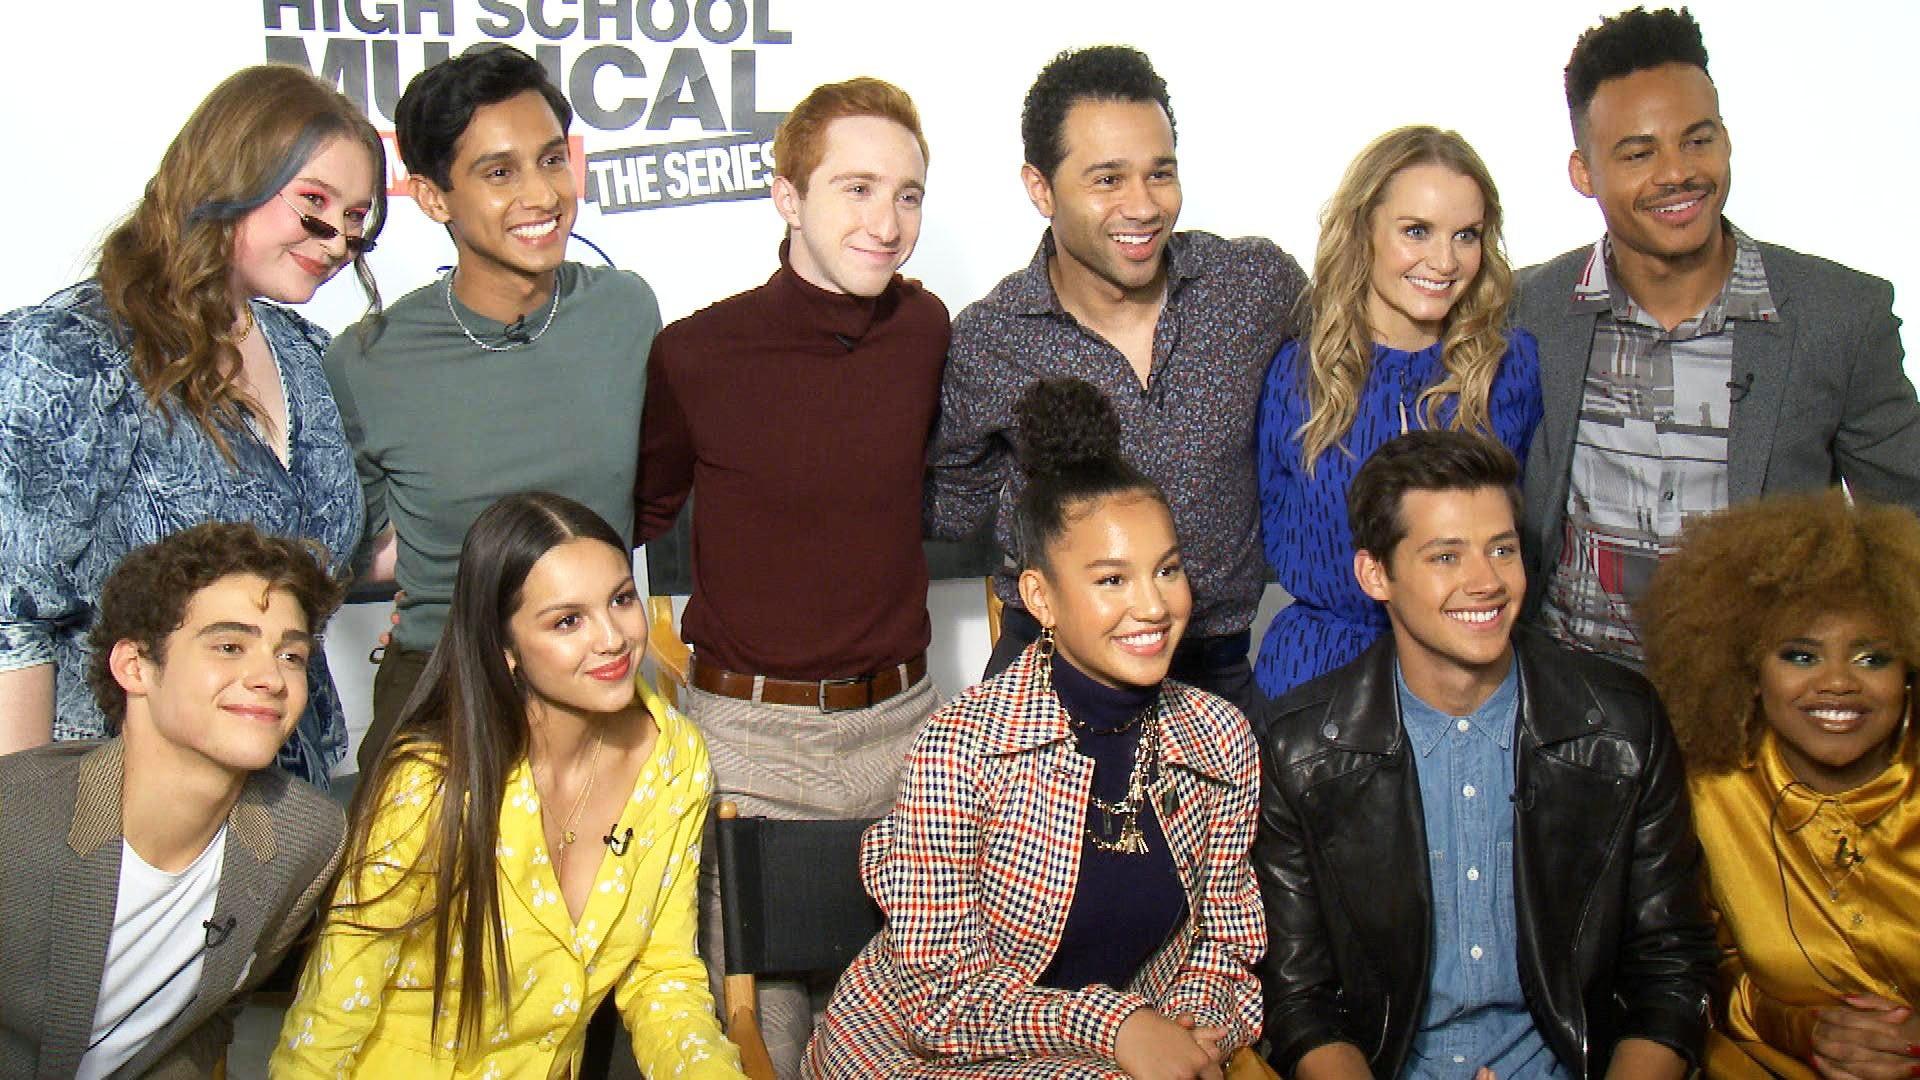 Hsmtmts Joshua Bassett And Olivia Rodrigo On Favorite Ricky Nini Scene In Season 1 Finale Exclusive Entertainment Tonight